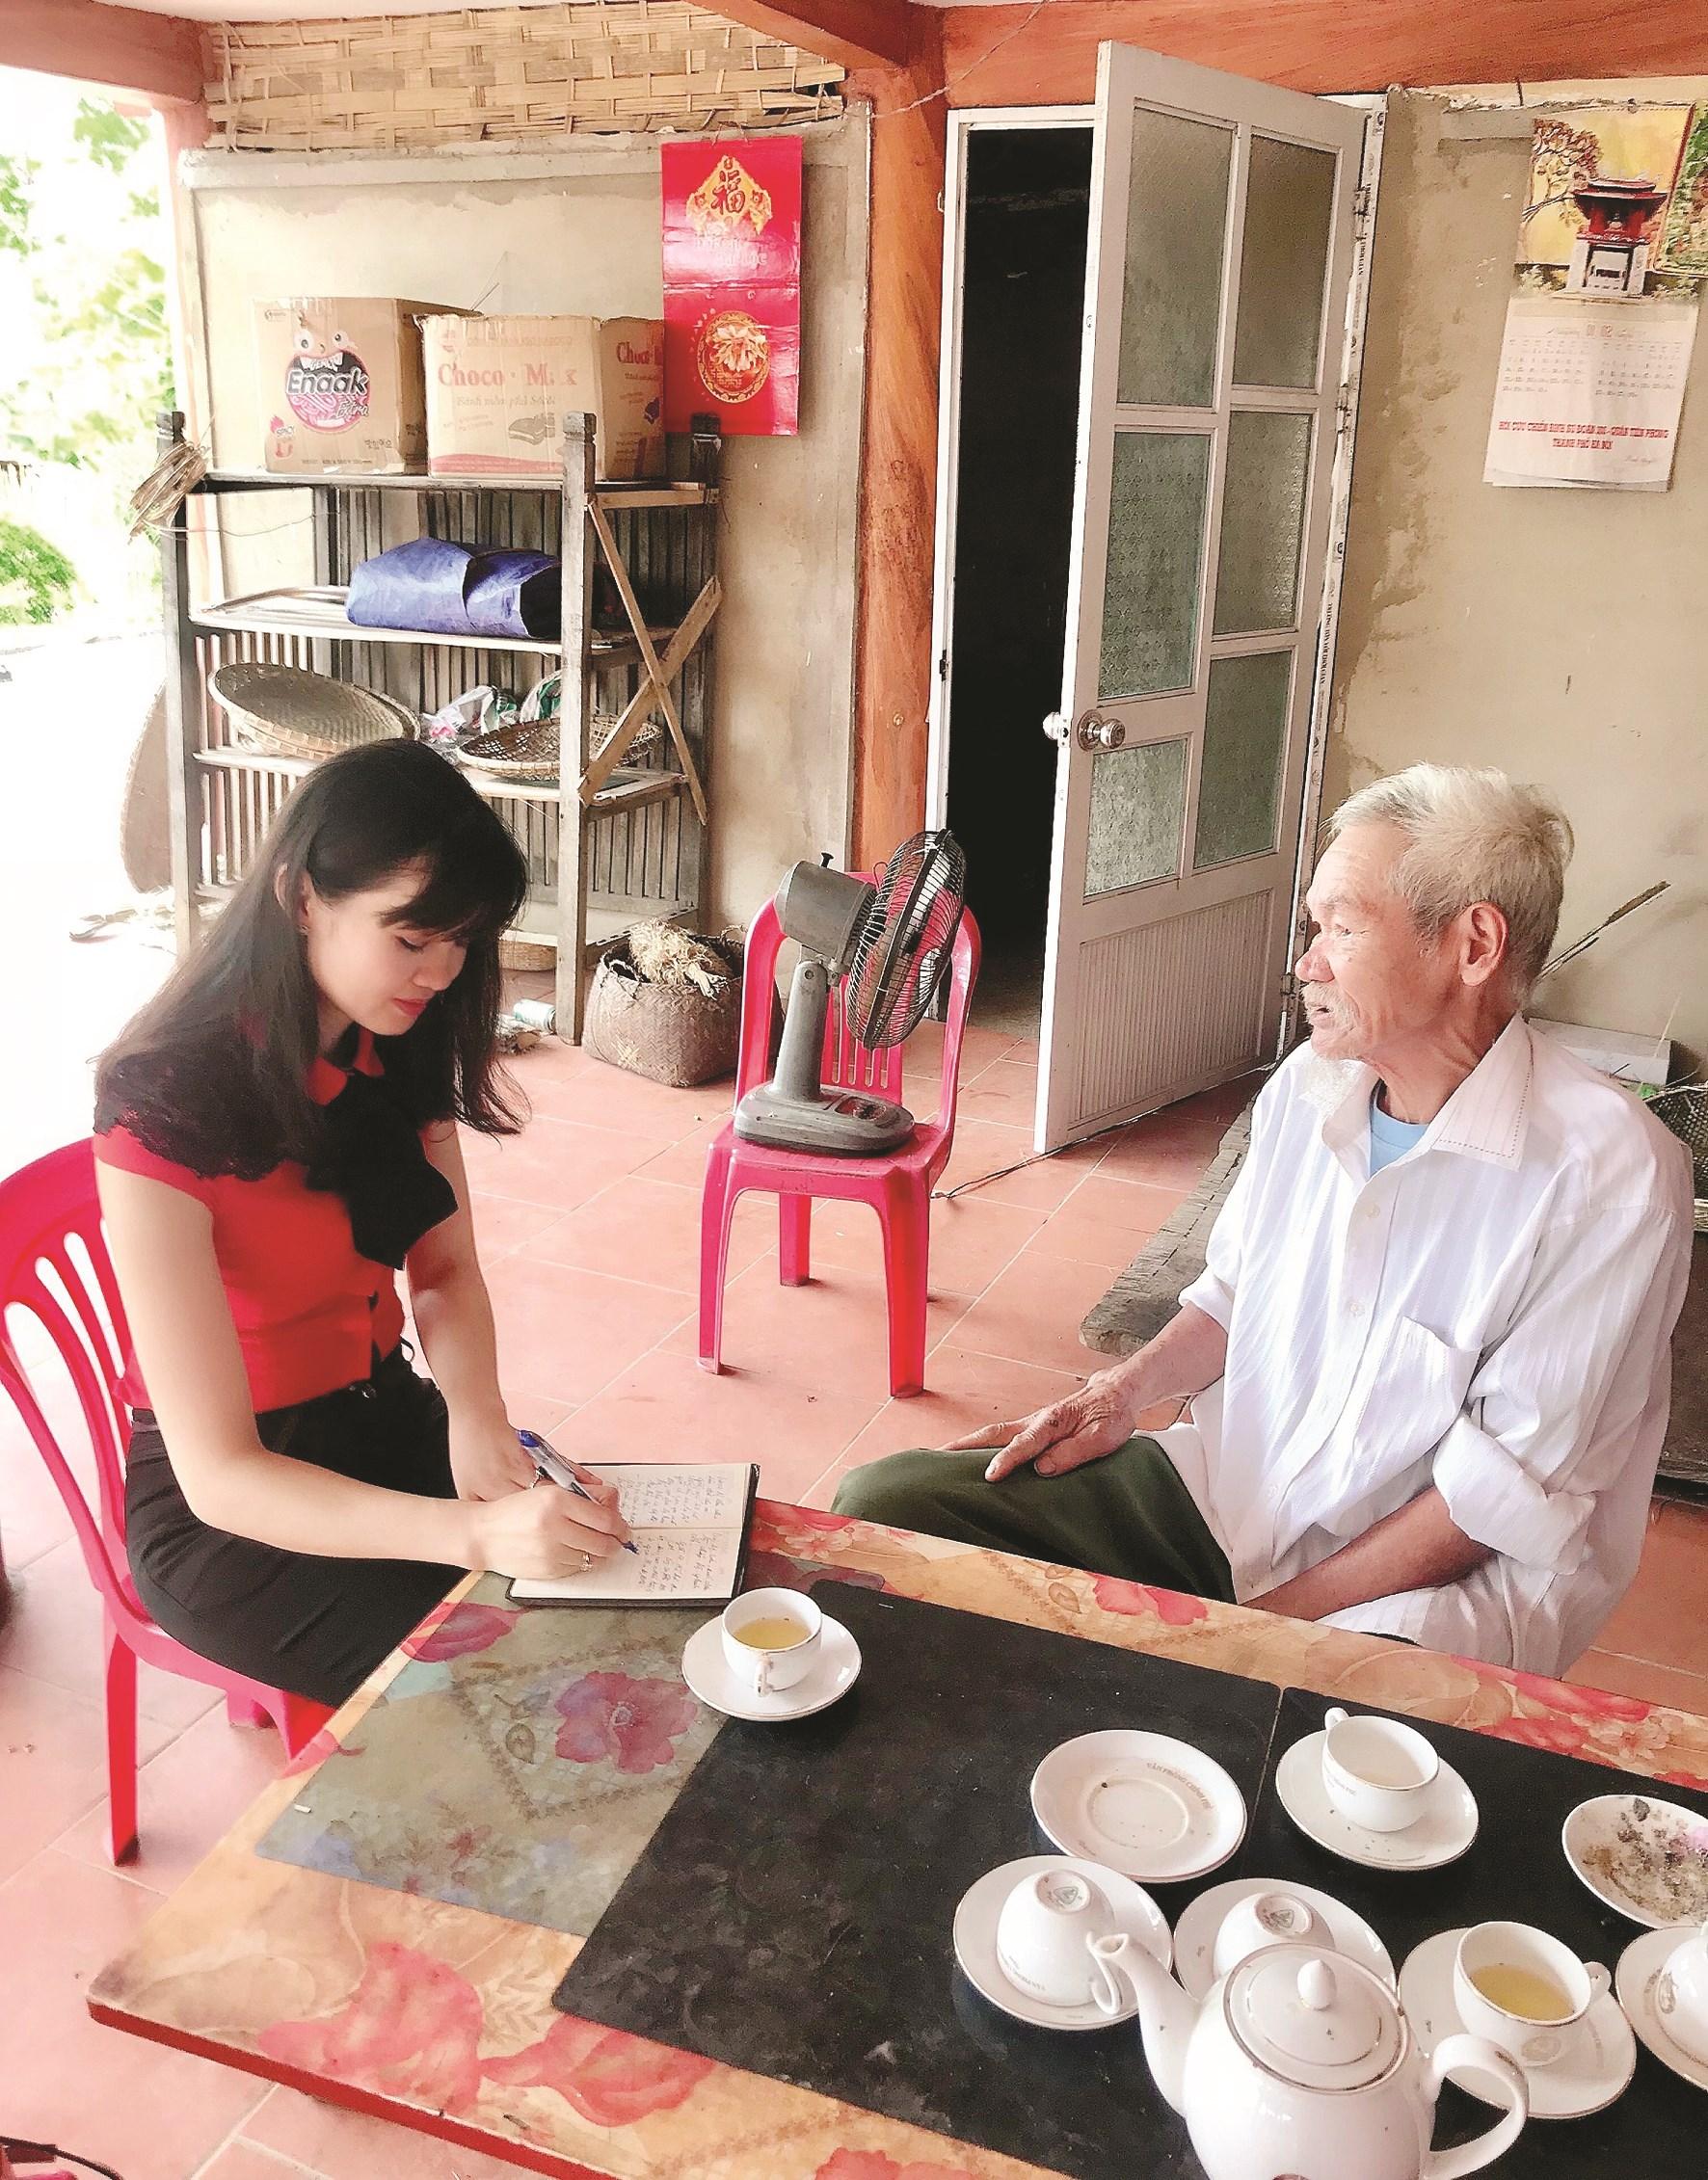 Phóng viên Thanh Huyền phỏng vấn cụ Hoàng Ngọc, chiến sĩ cách mạng tại Tân Trào, huyện Sơn Dương, tỉnh Tuyên Quang